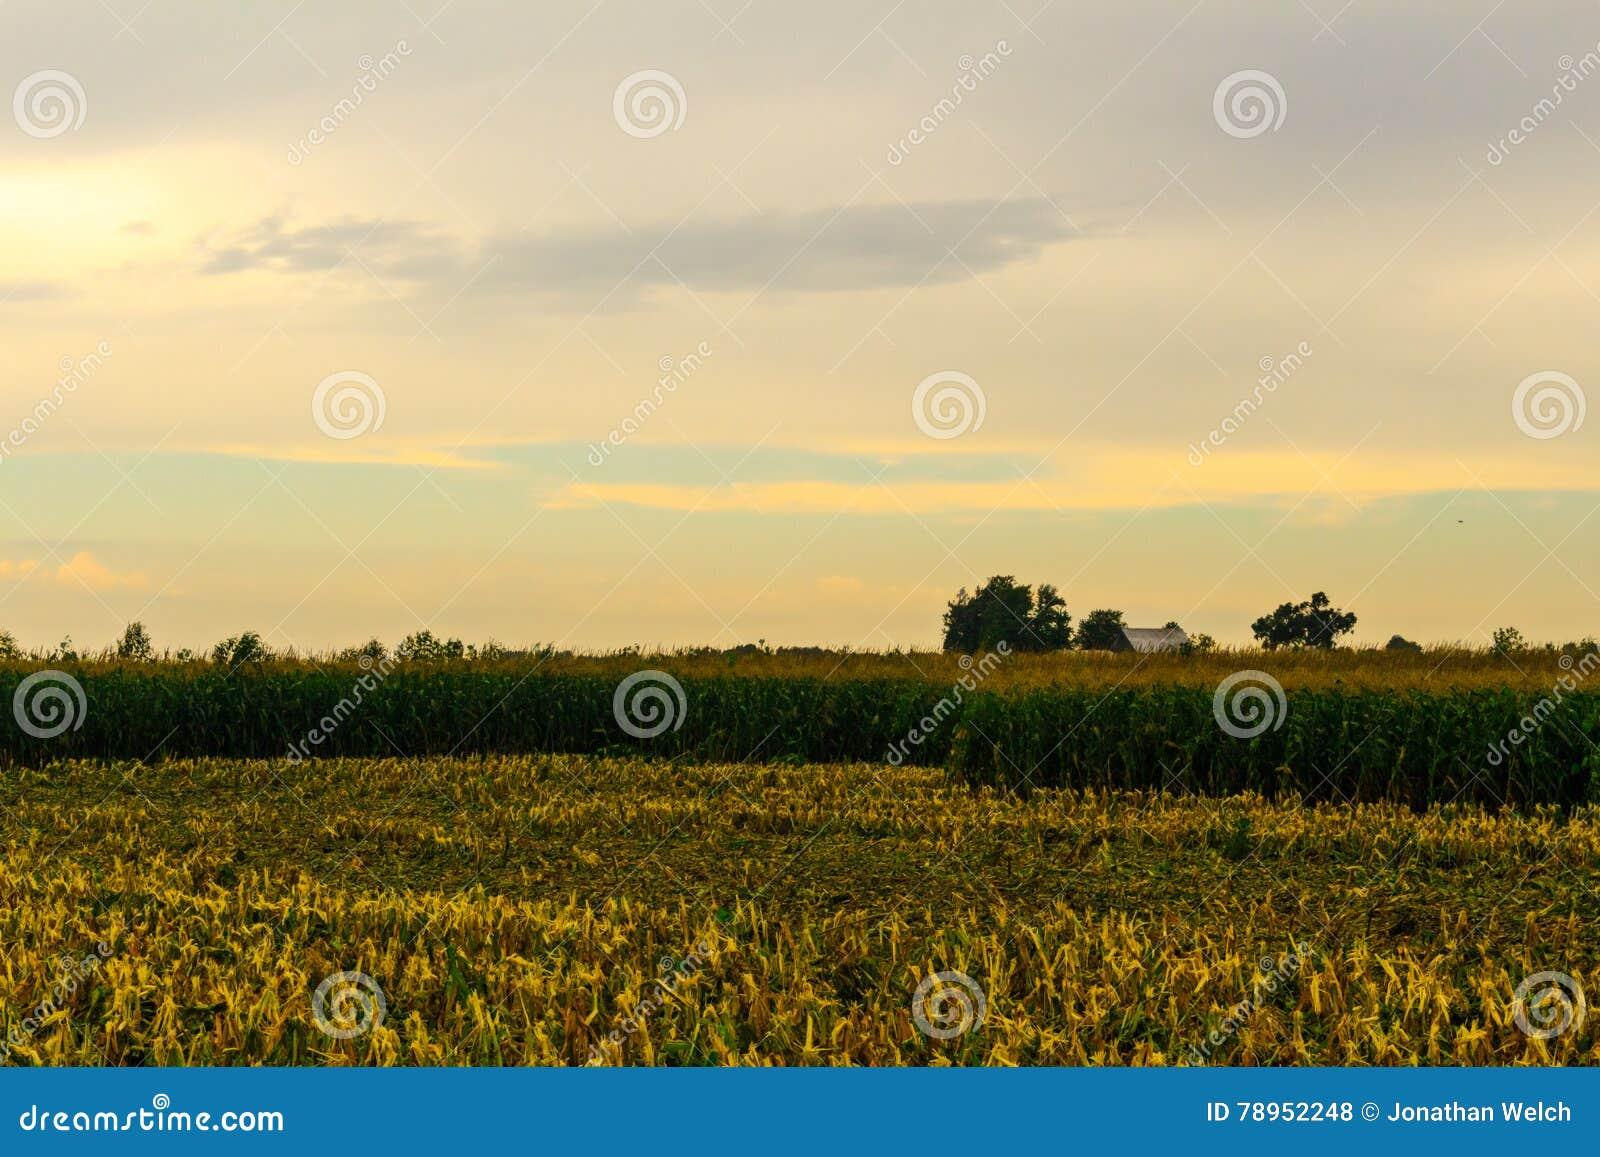 La cosecha de maíz ha comenzado